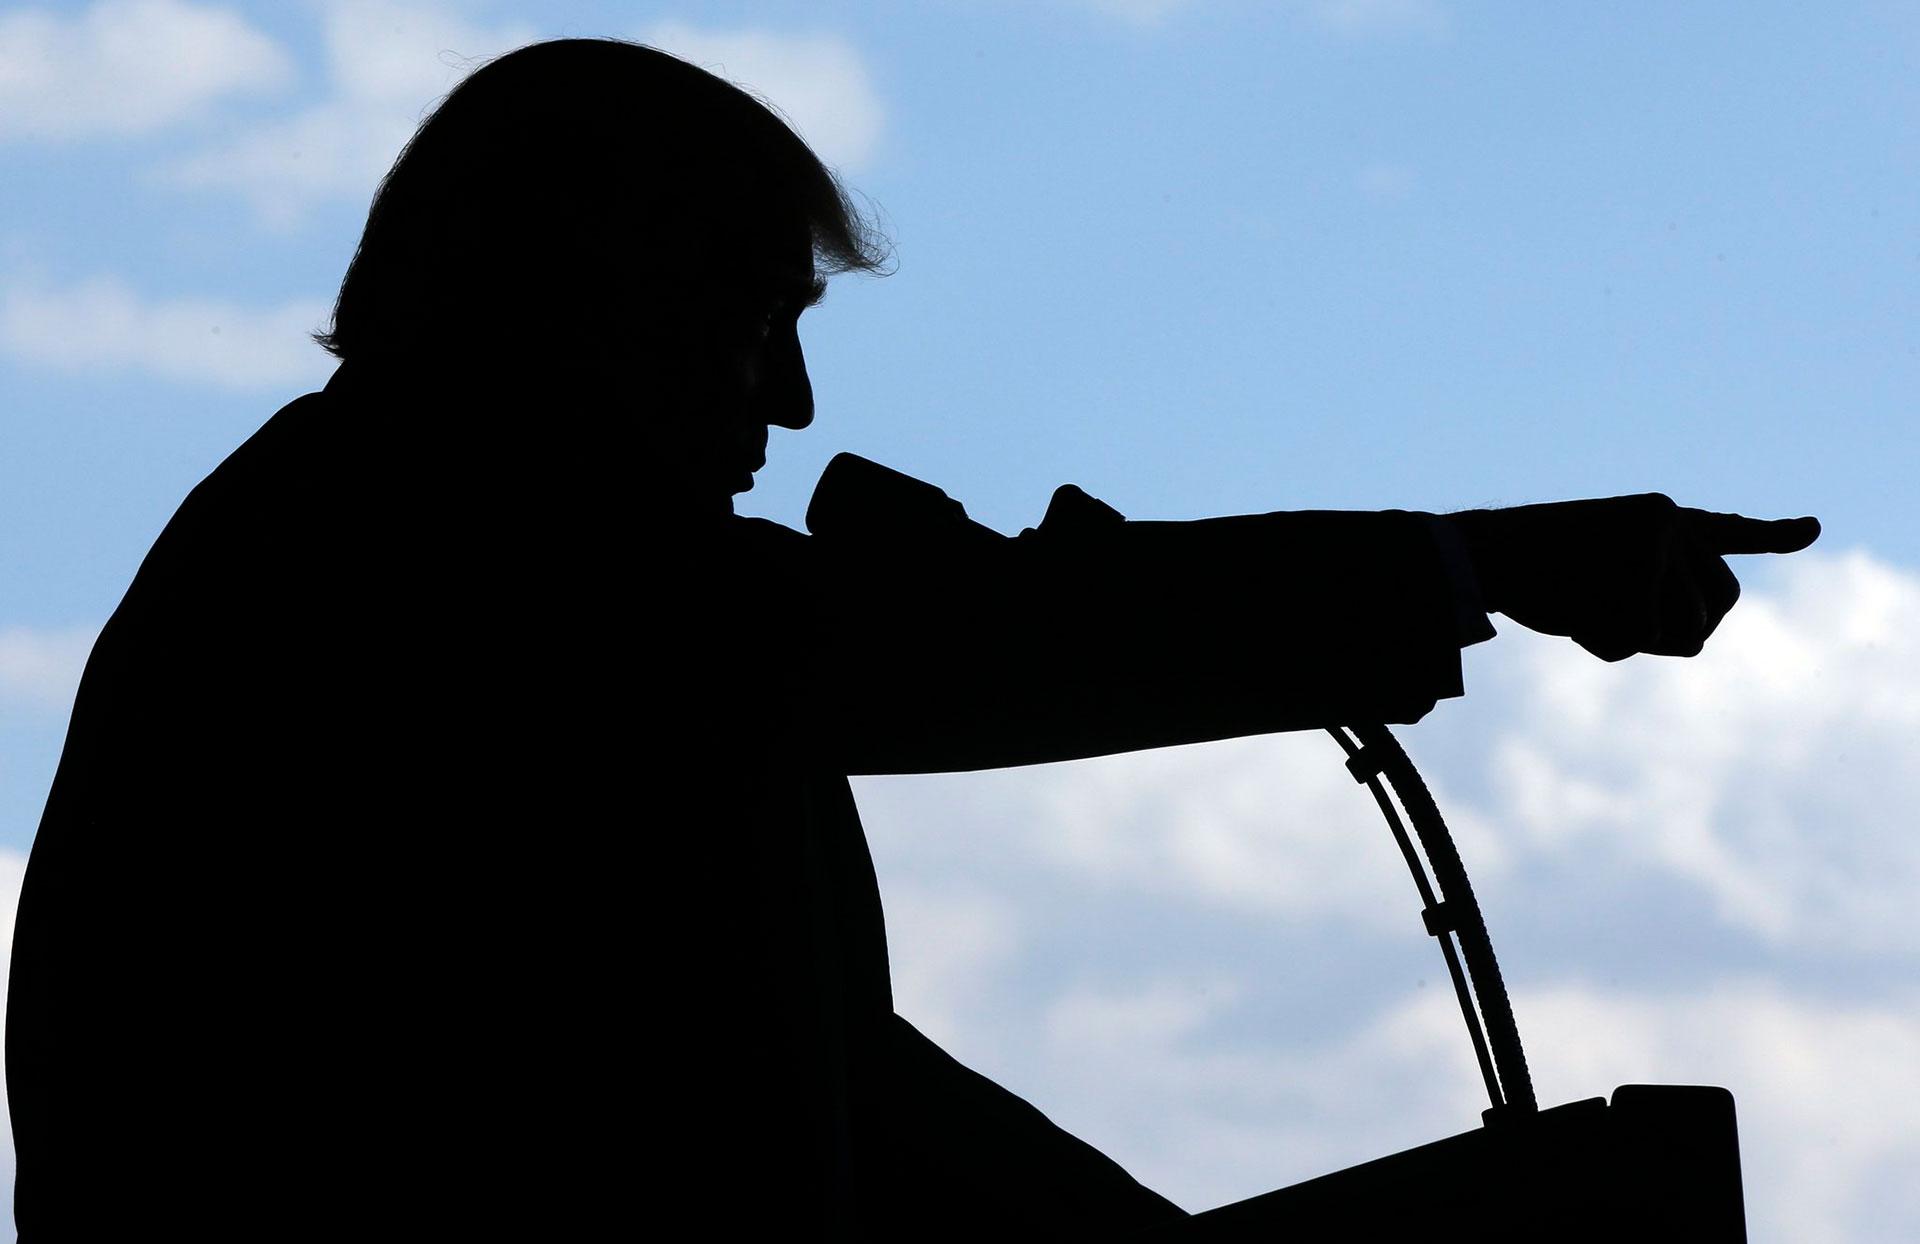 27/5/2017 Trump dirige un discurso a las tropas estadounidenses en la base naval de Sigonella, Italia.